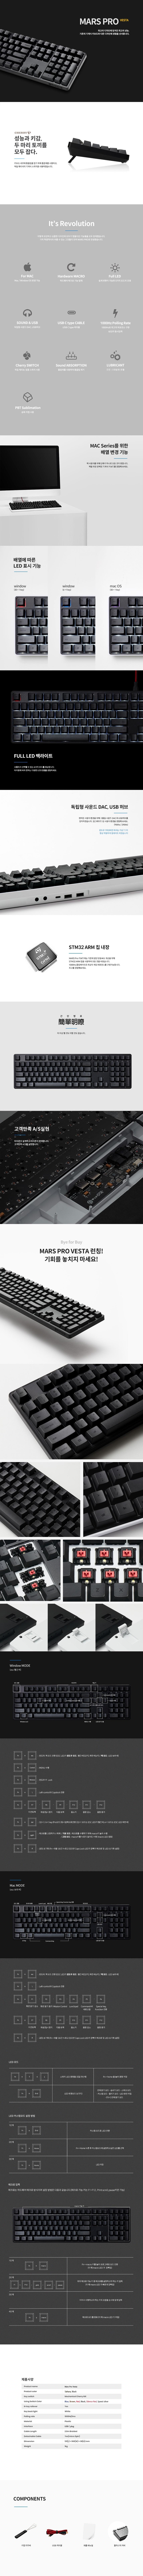 타이폰 Mars Pro VESTA 기계식 키보드 한글 (화이트, 적축)